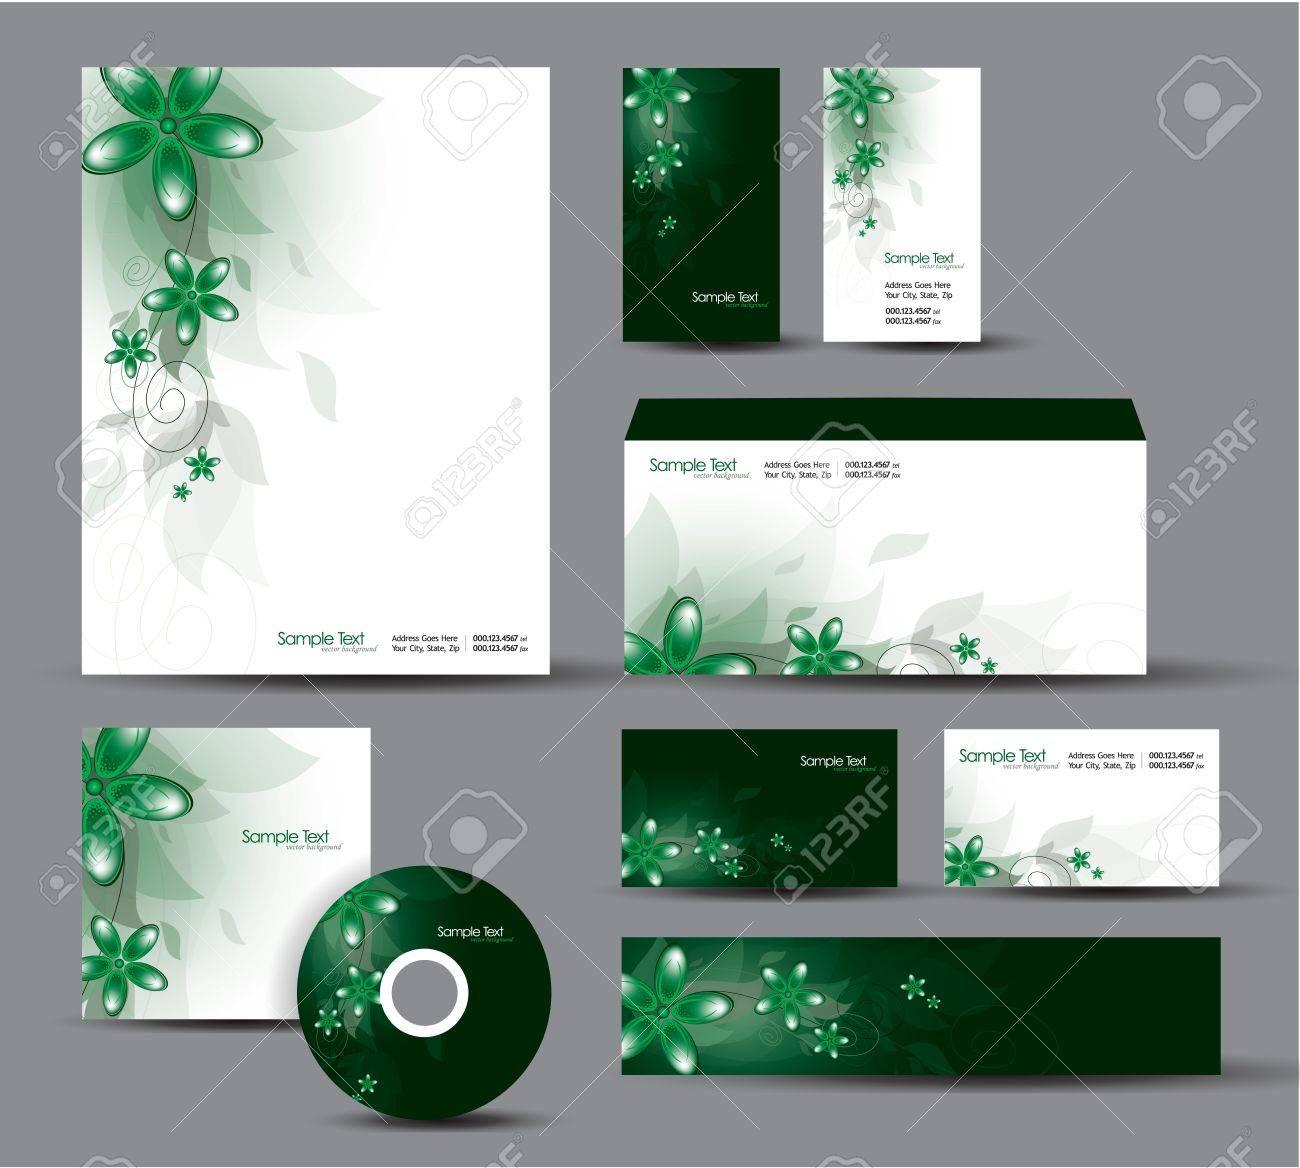 Modern Identity Package  Letterhead, business gift cards, envelope, cd dvd, header banner Stock Vector - 18243004